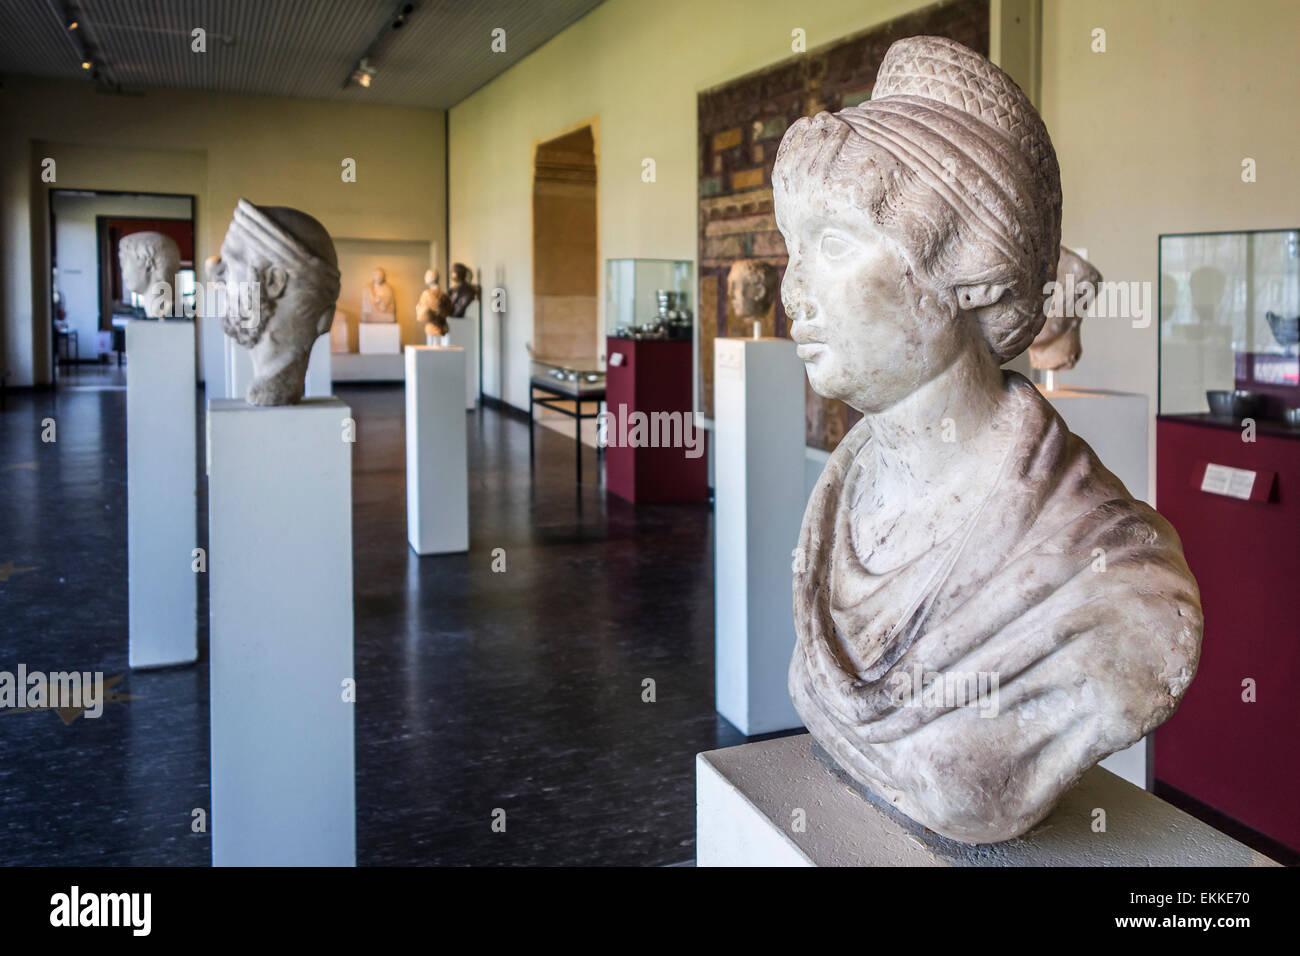 Collection of antiquity sculptures in the Cinquantenaire Museum / Jubelparkmuseum in Brussels, Belgium - Stock Image